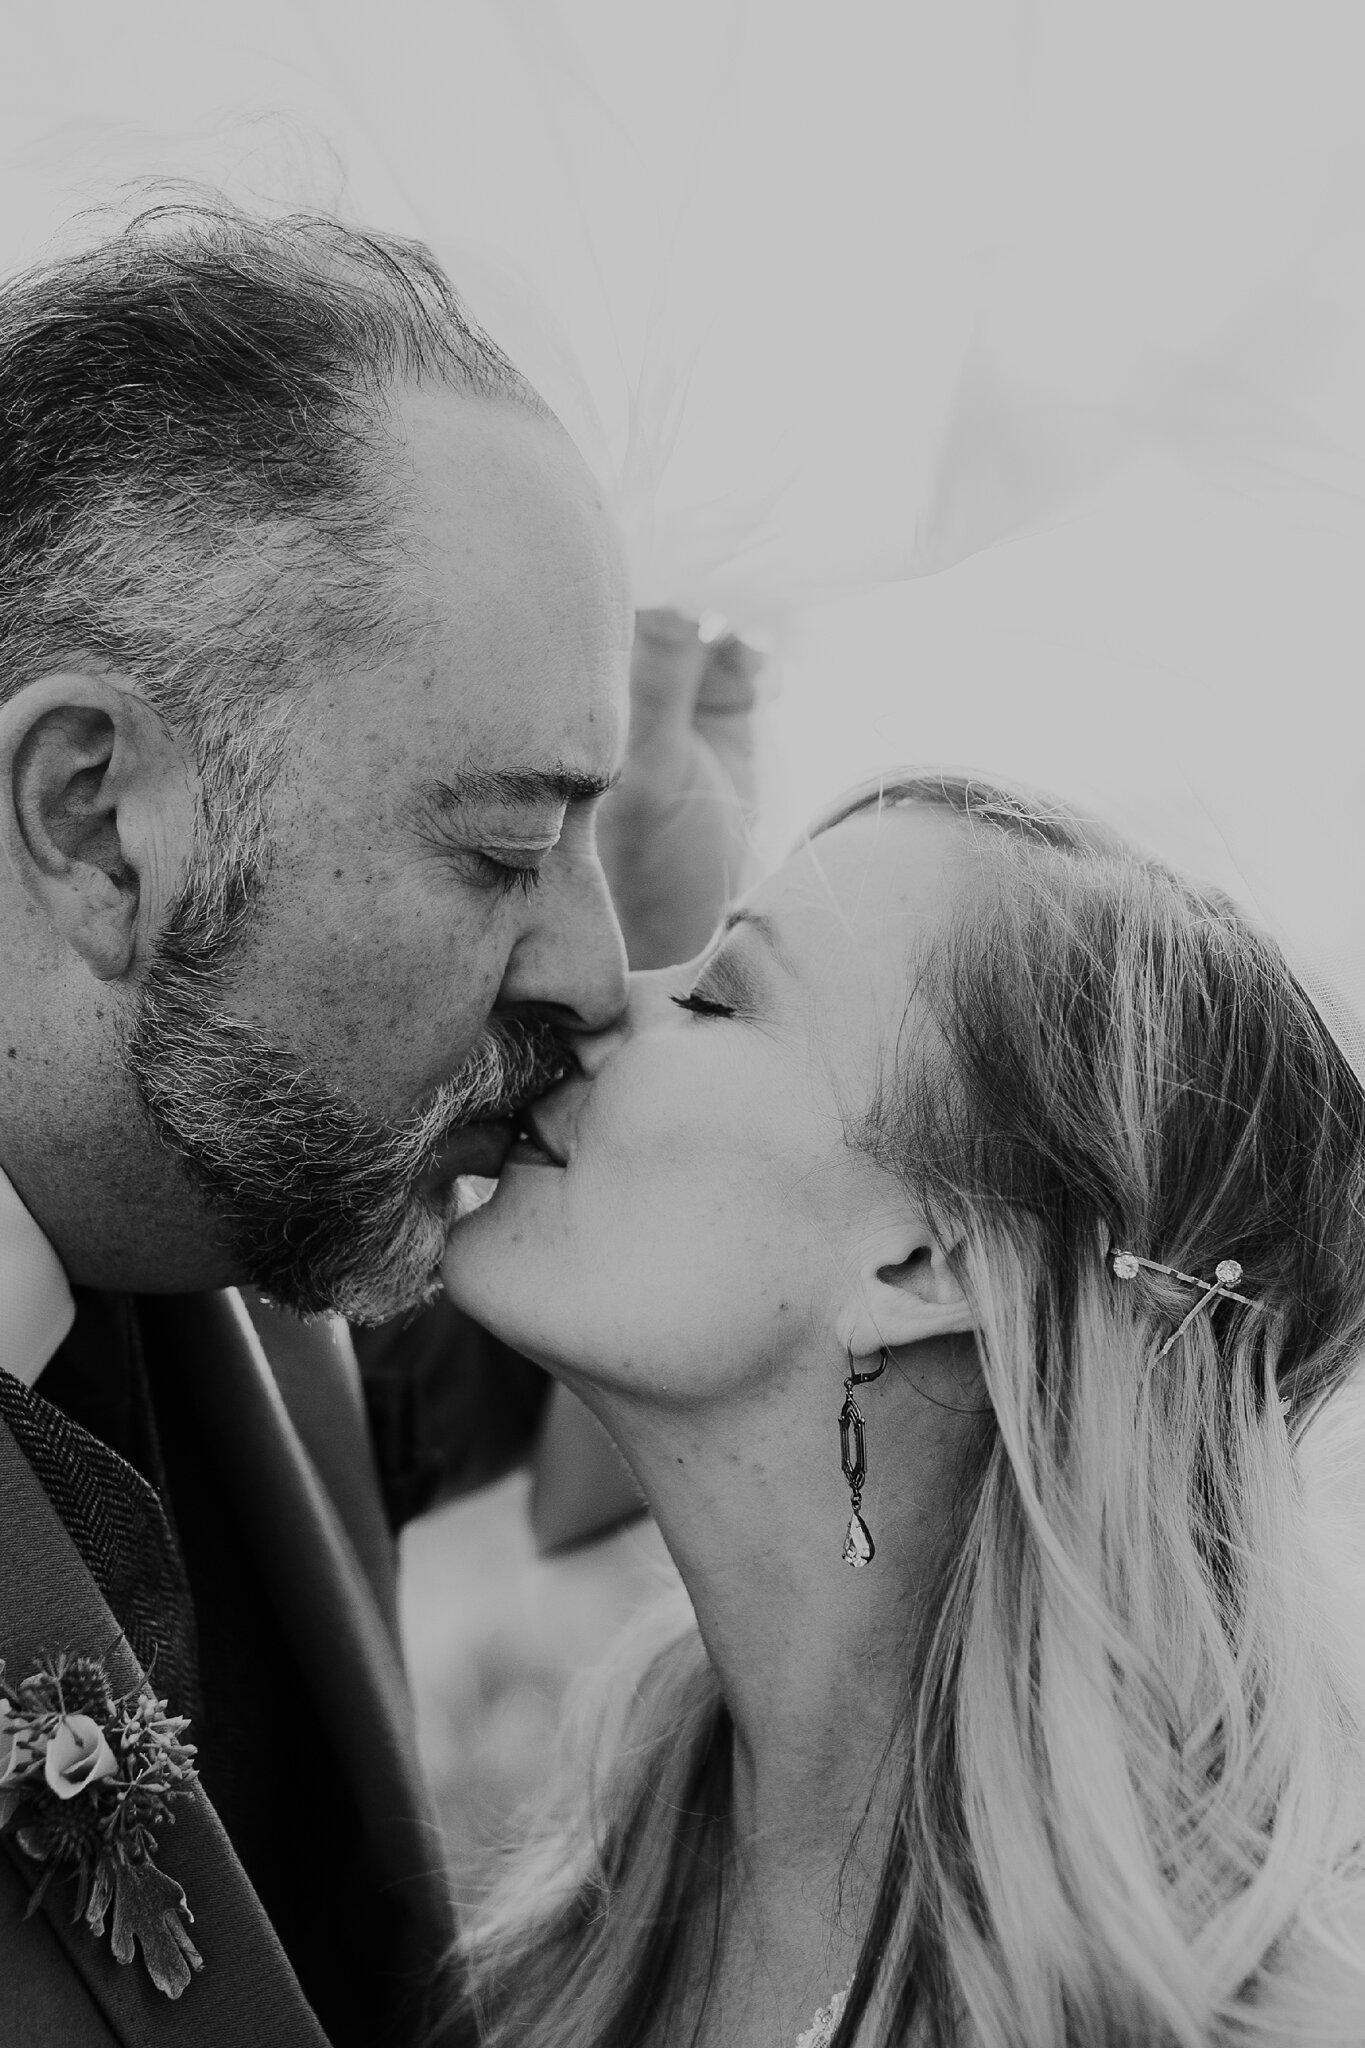 Alicia+lucia+photography+-+albuquerque+wedding+photographer+-+santa+fe+wedding+photography+-+new+mexico+wedding+photographer+-+new+mexico+wedding+-+wedding+-+santa+fe+wedding+-+ghost+ranch+-+ghost+ranch+wedding+-+fall+wedding_0056.jpg